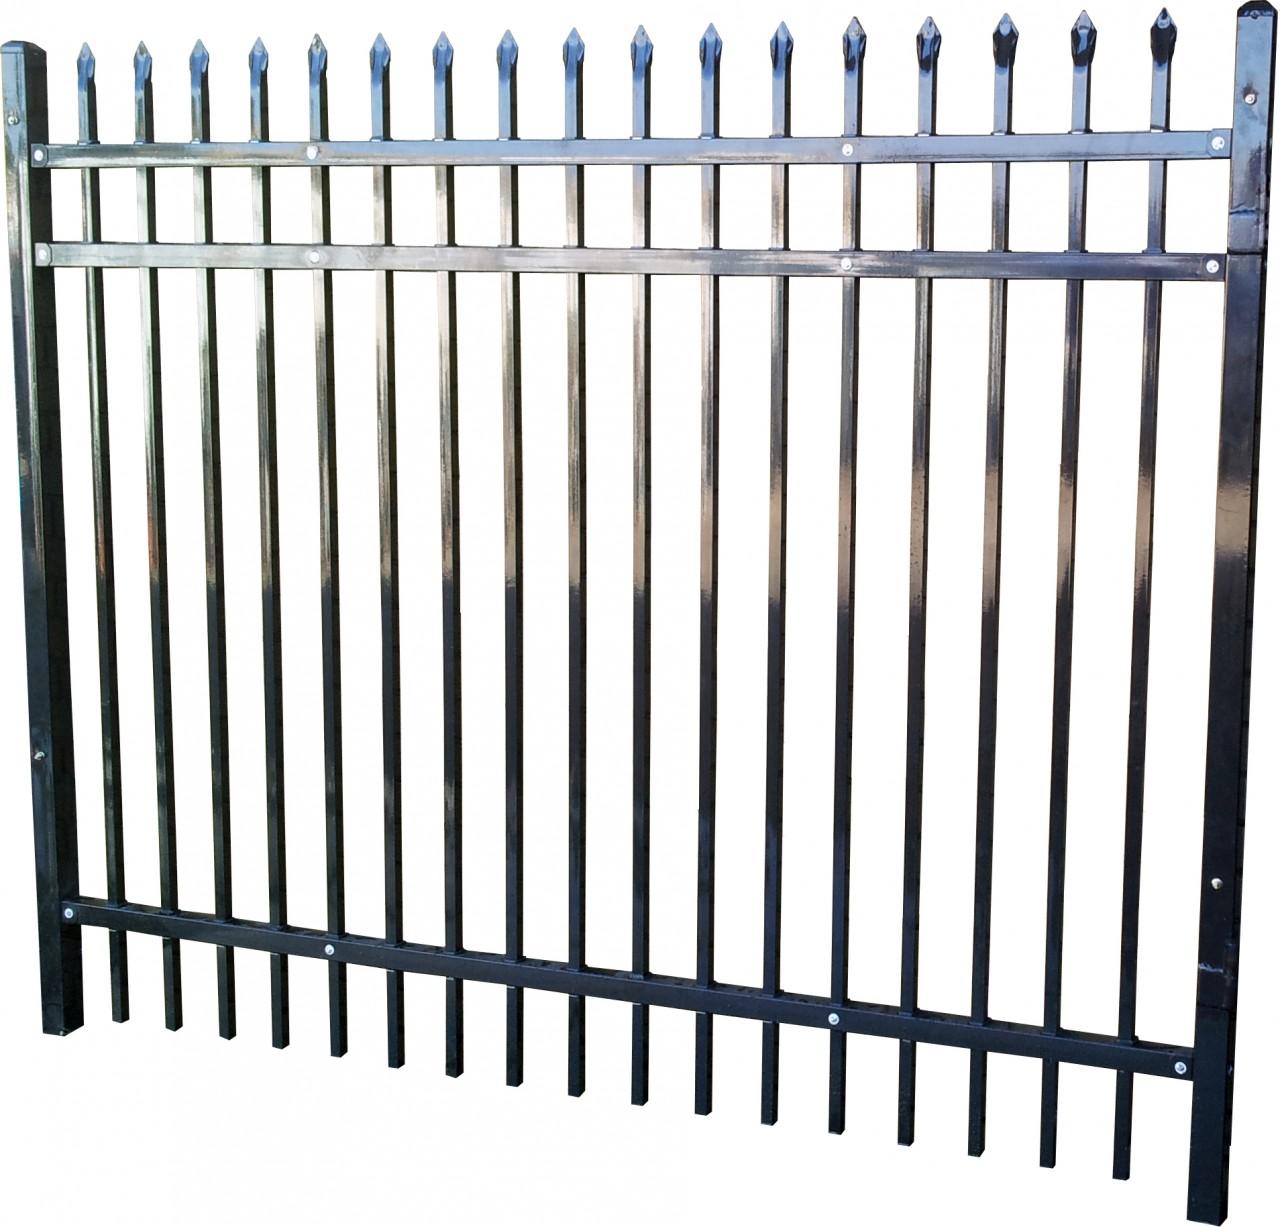 Steel Fence Panel.